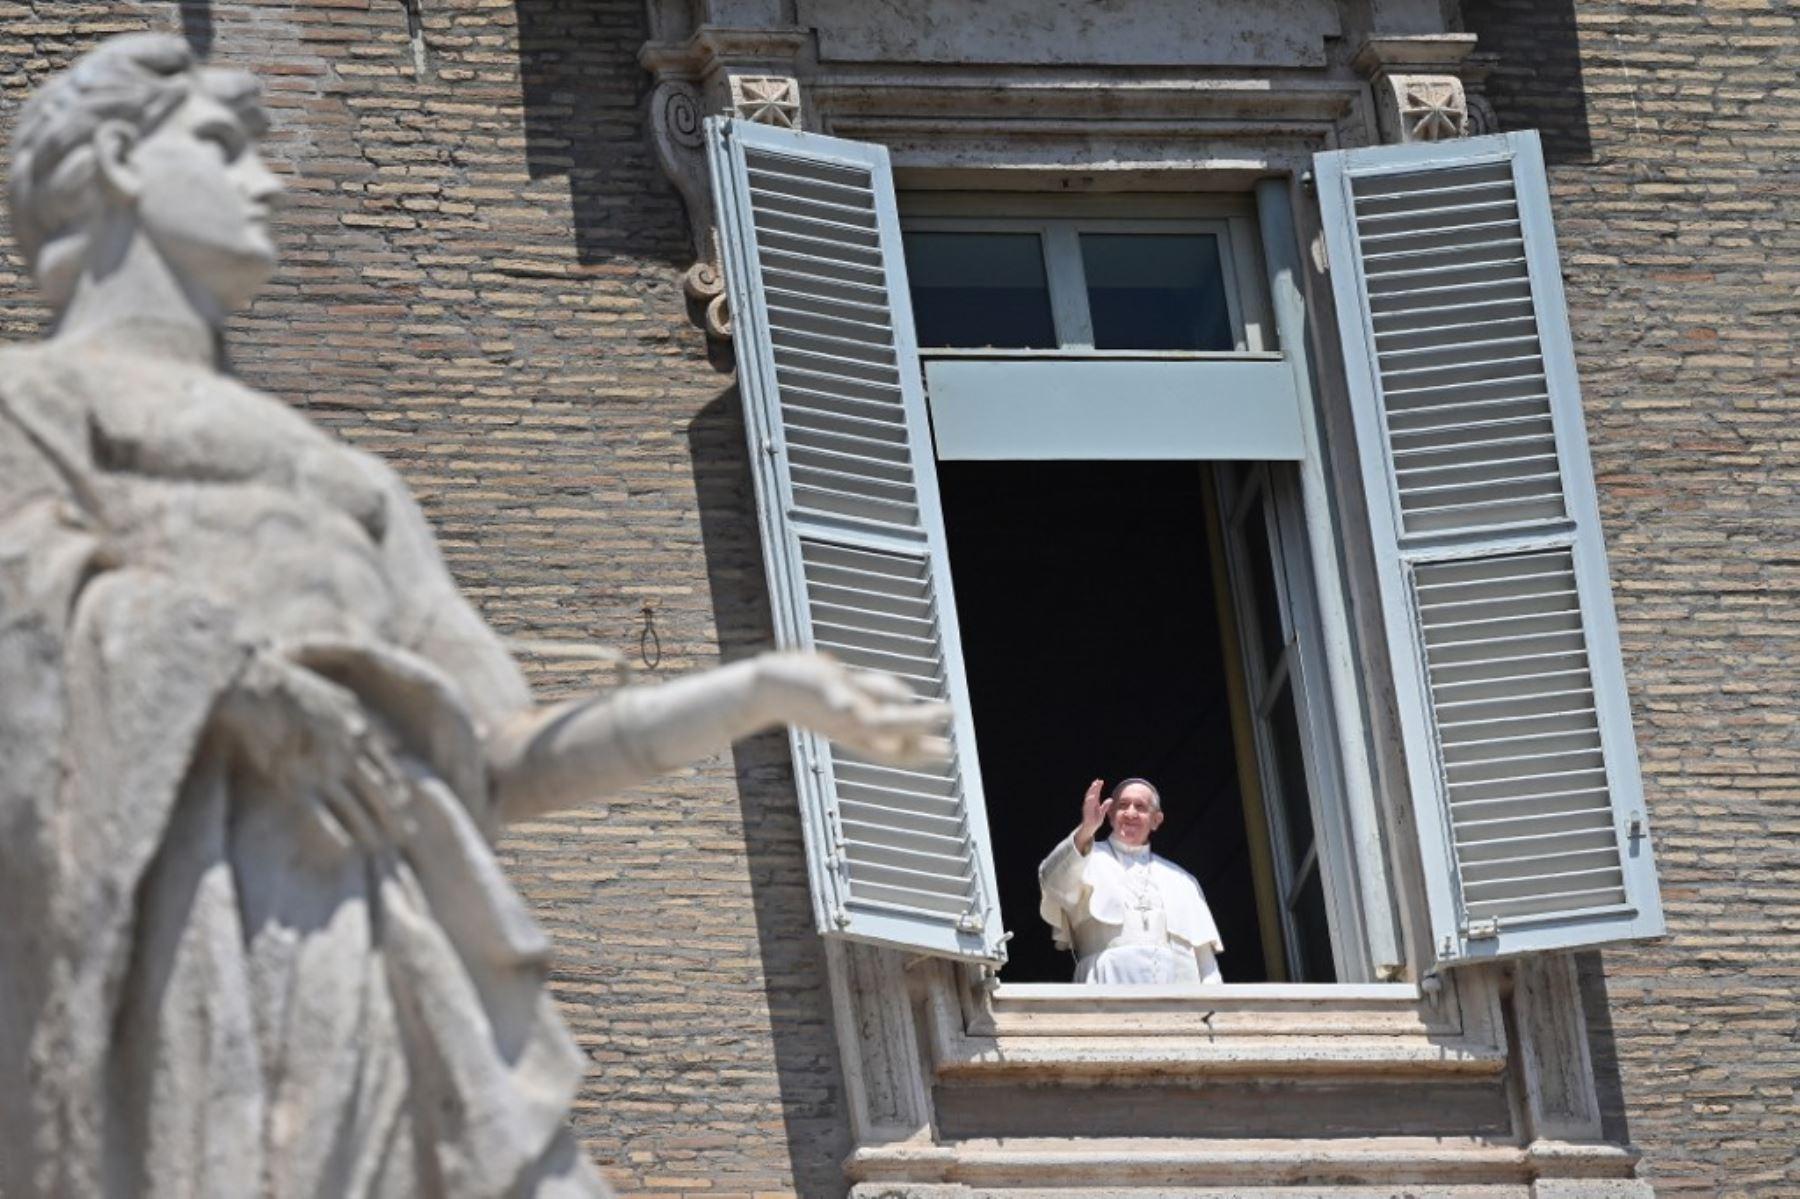 El Papa Francisco saluda desde la ventana del palacio apostólico con vista a una plaza vacía de San Pedro después de su transmisión en vivo de la oración del Ángelus este domingo. Foto: AFP